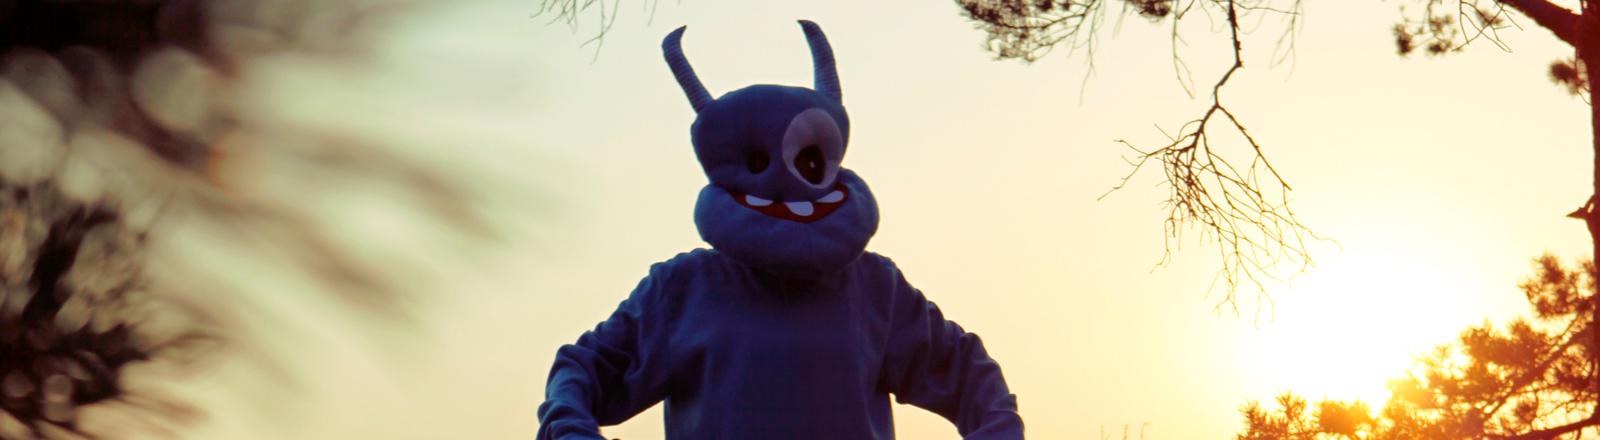 Mensch als Außerirdischer verkleidet im Sonnenuntergang